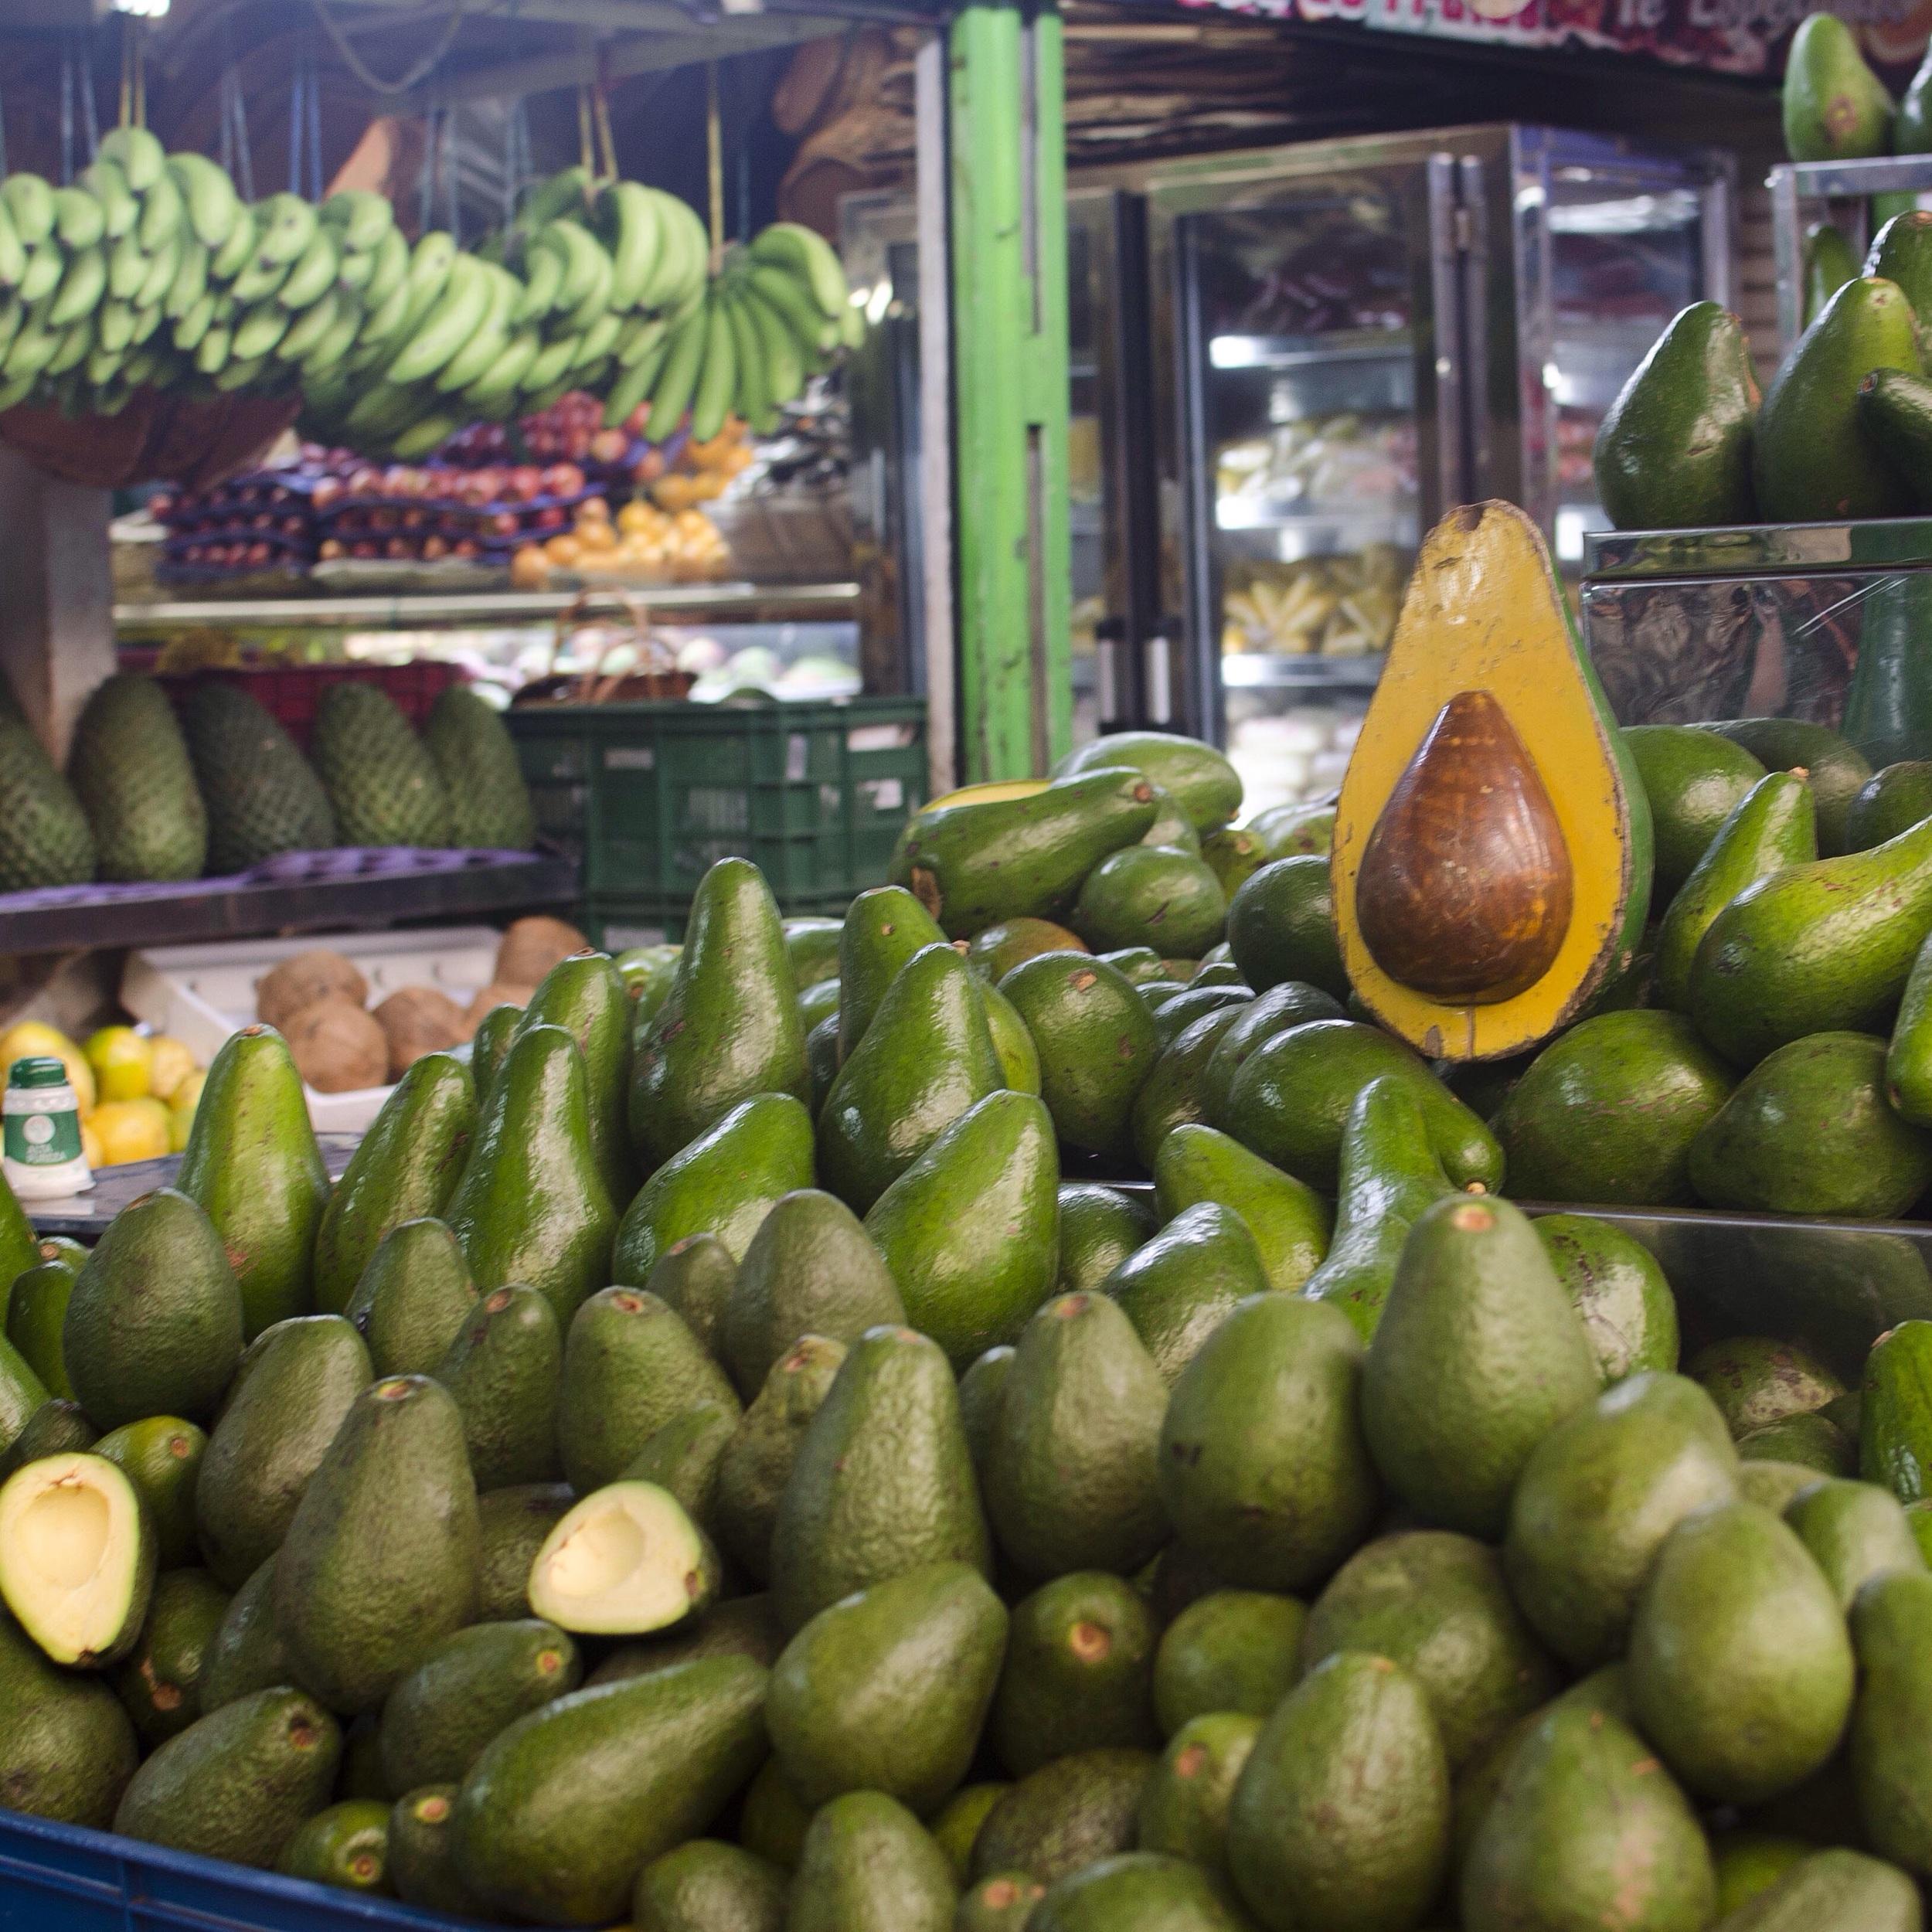 True avocado heaven!